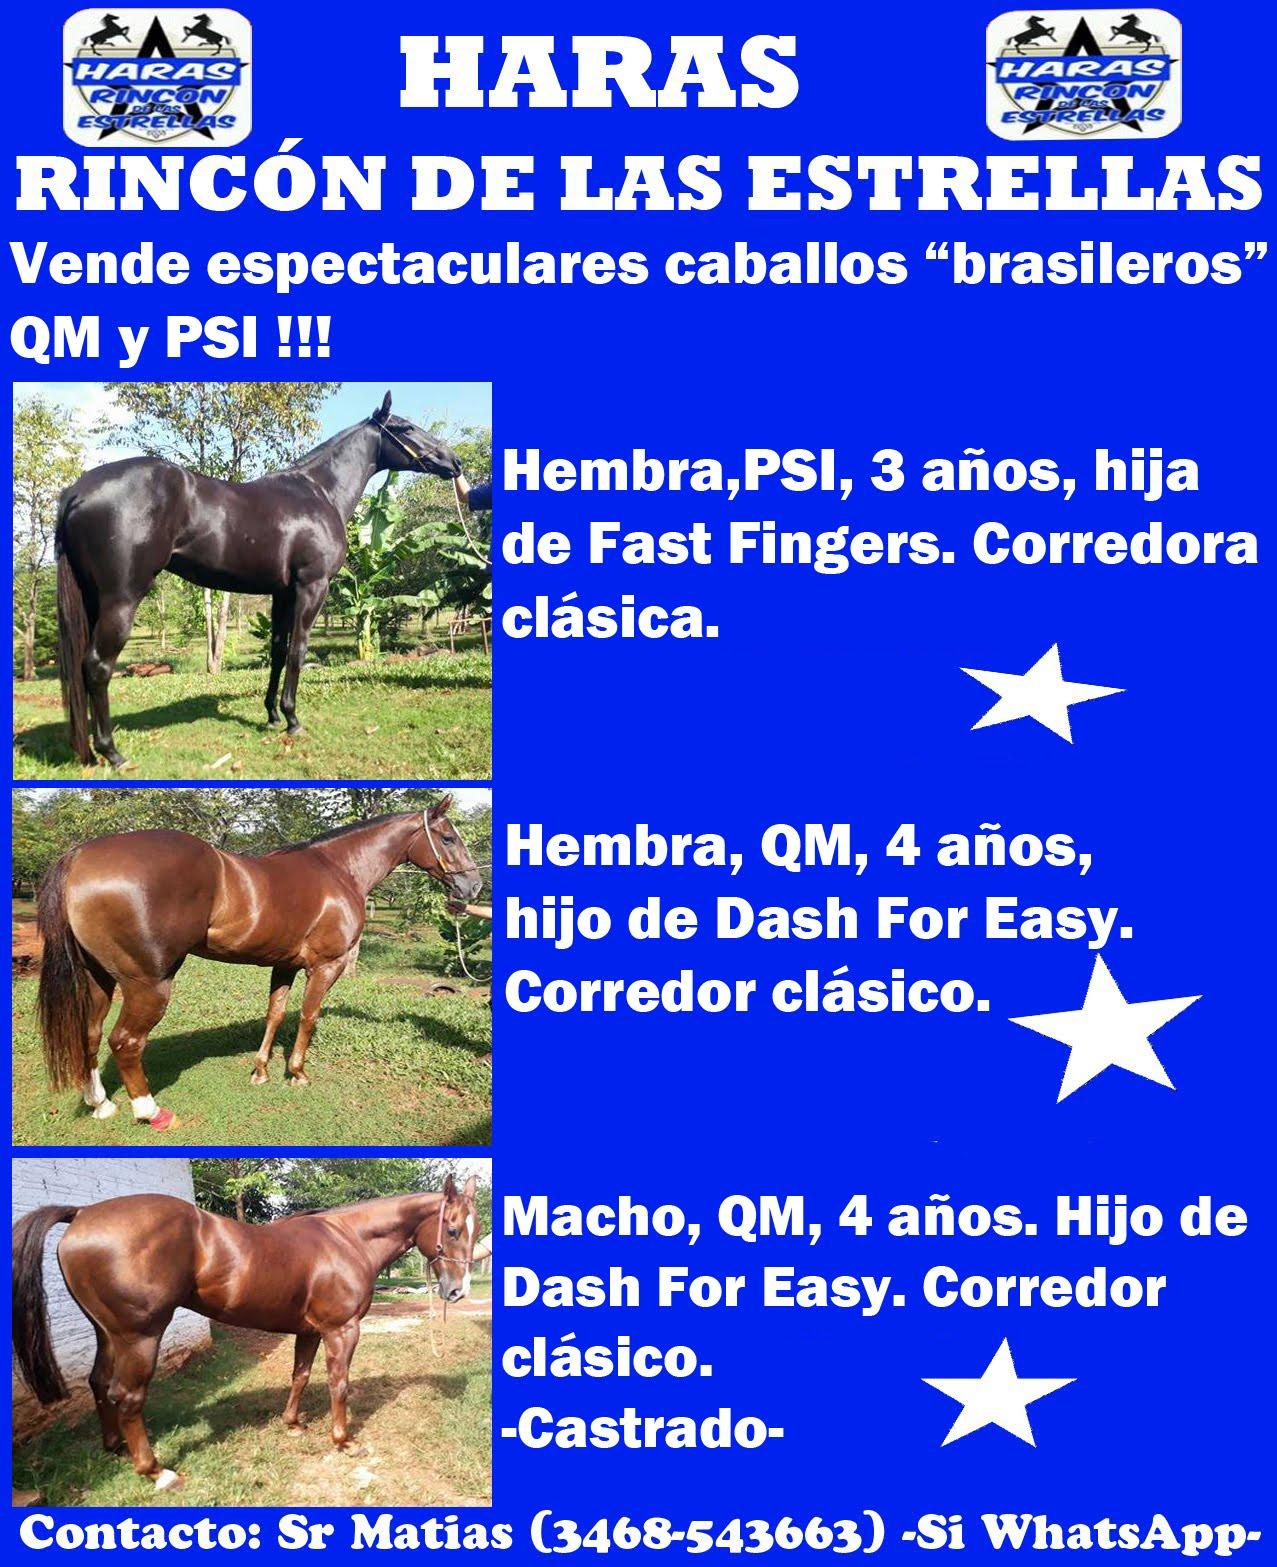 HS RINCON ESTRELLAS 1